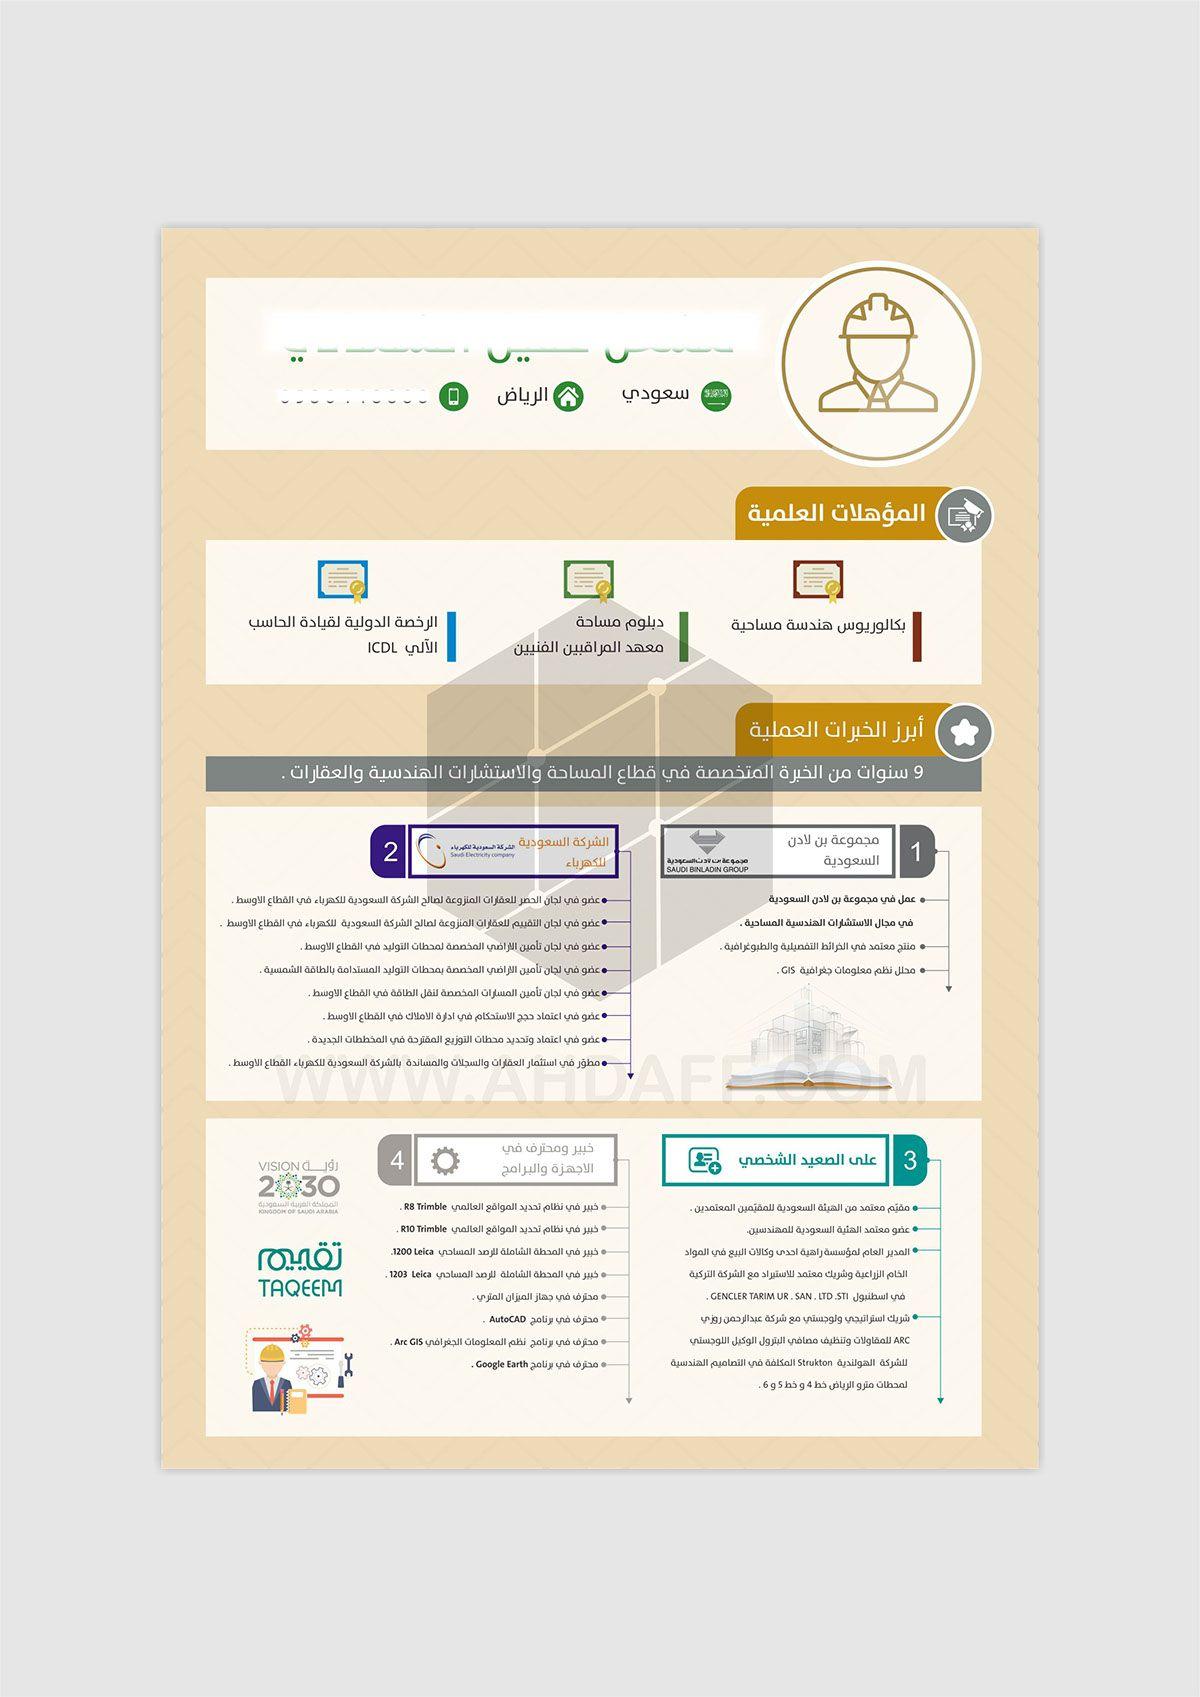 سيرة ذاتية باسلوب الانفوجرافيك 10 نماذج On Behance Downloadable Resume Template Resume Template Templates